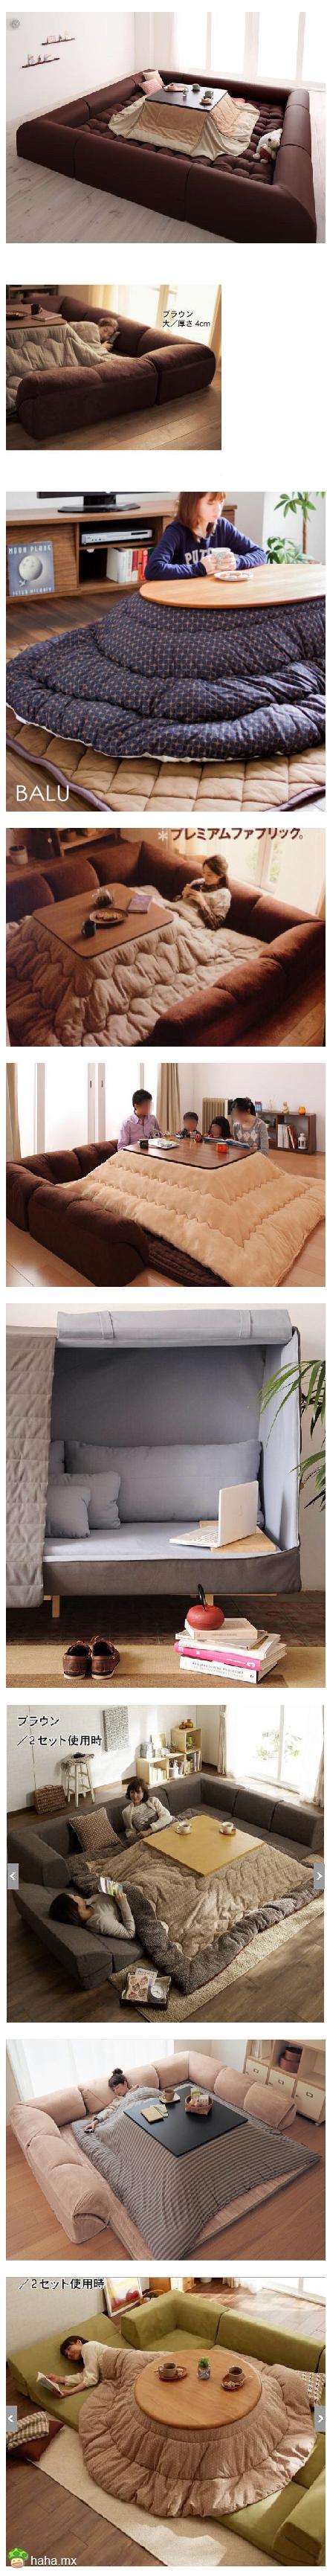 岛国发明的一些废人沙发、废人床、废人暖桌,隔着屏幕就感觉邪恶透顶,废人无数...不是我吹,只要有Wi-Fi,每一个我都能待到明年春天